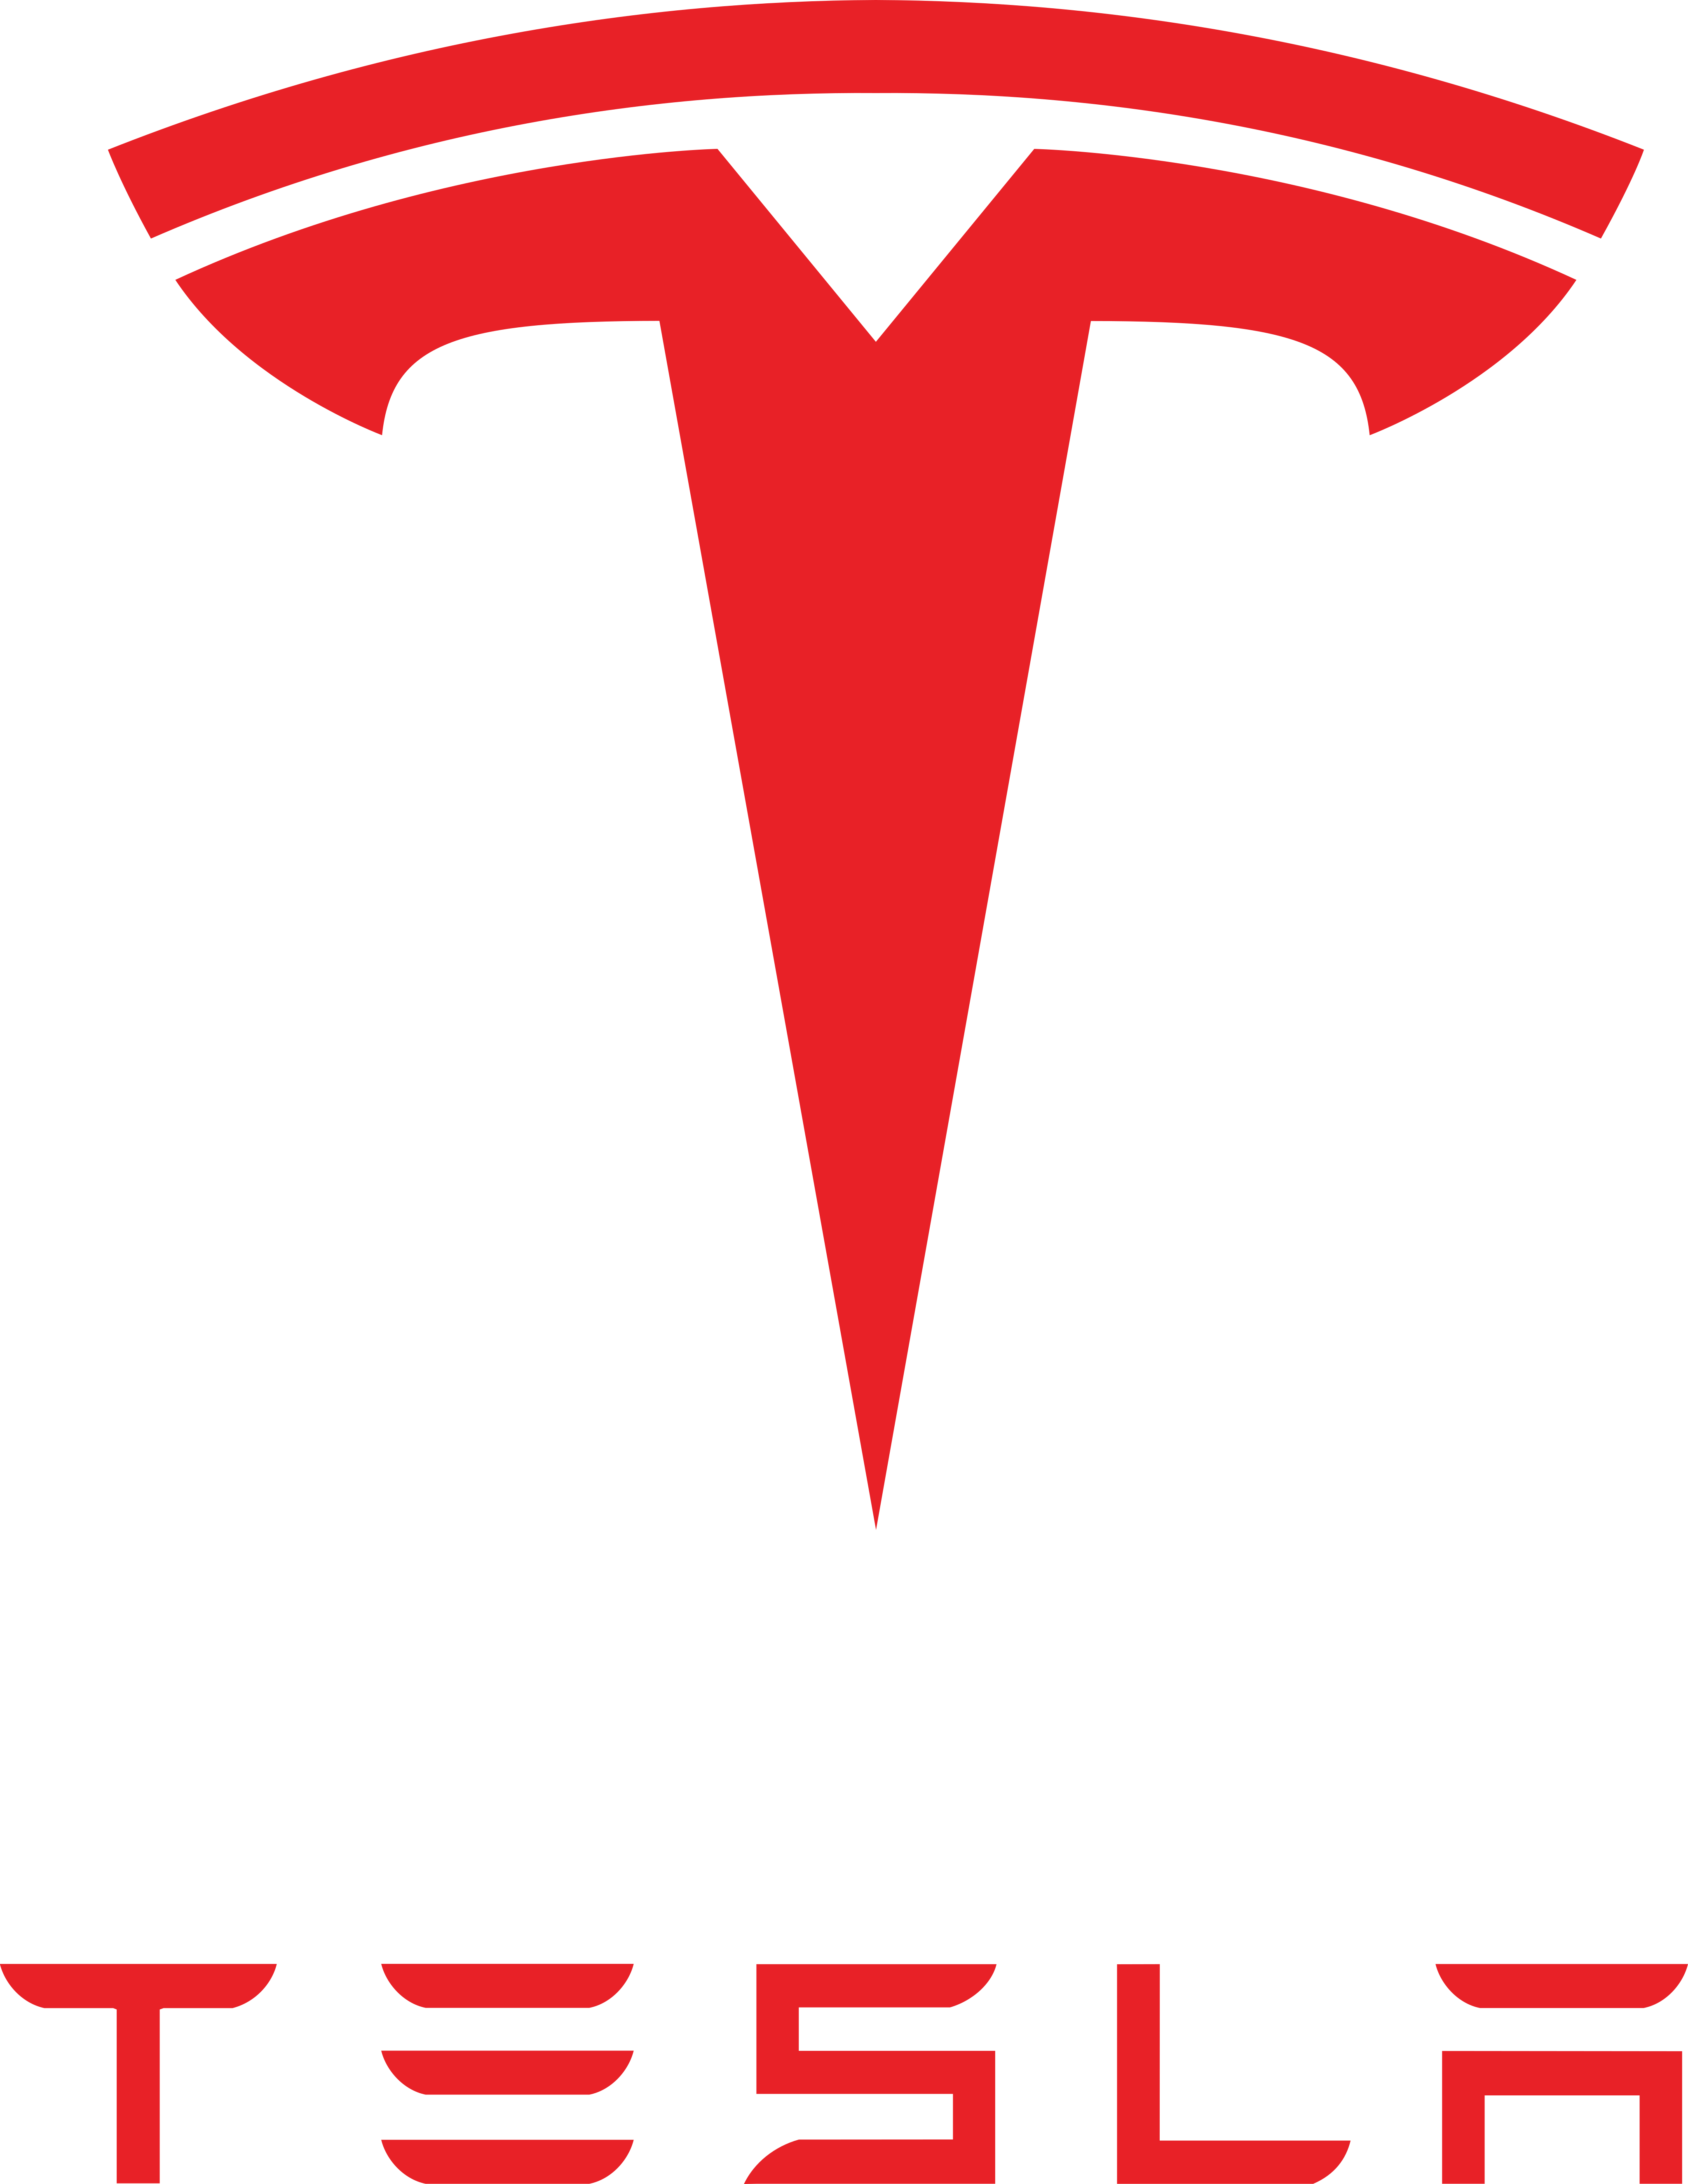 tesla logo 6 - Tesla Logo